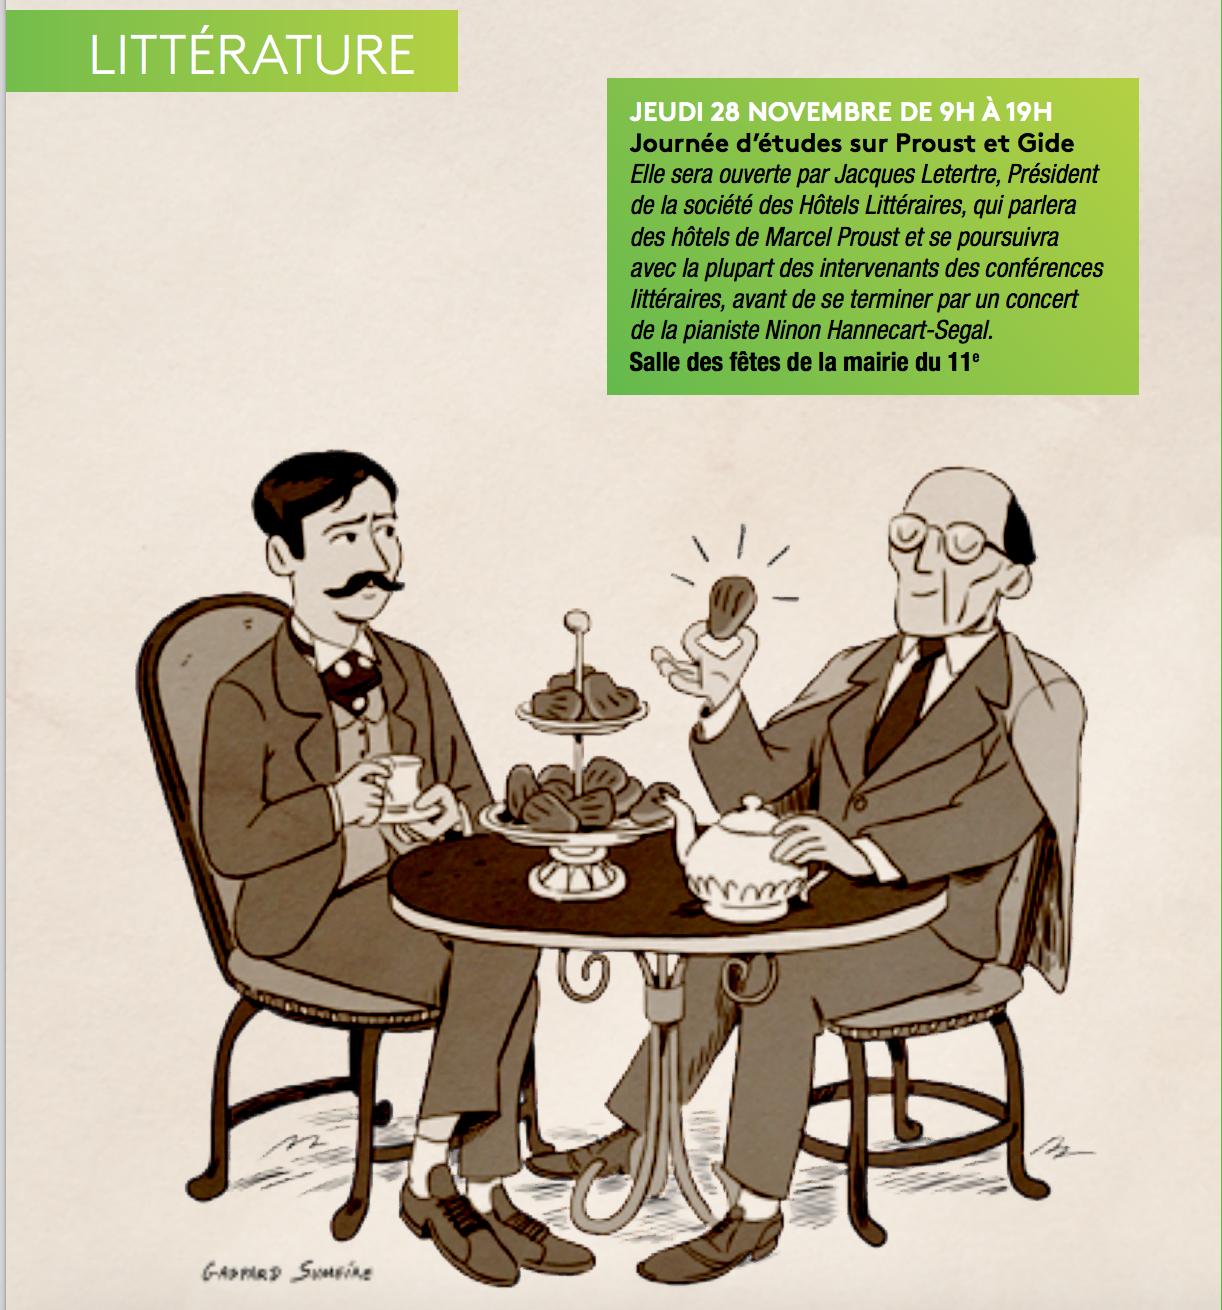 Journée d'étude Marcel Proust et André Gide – Mairie du 11e